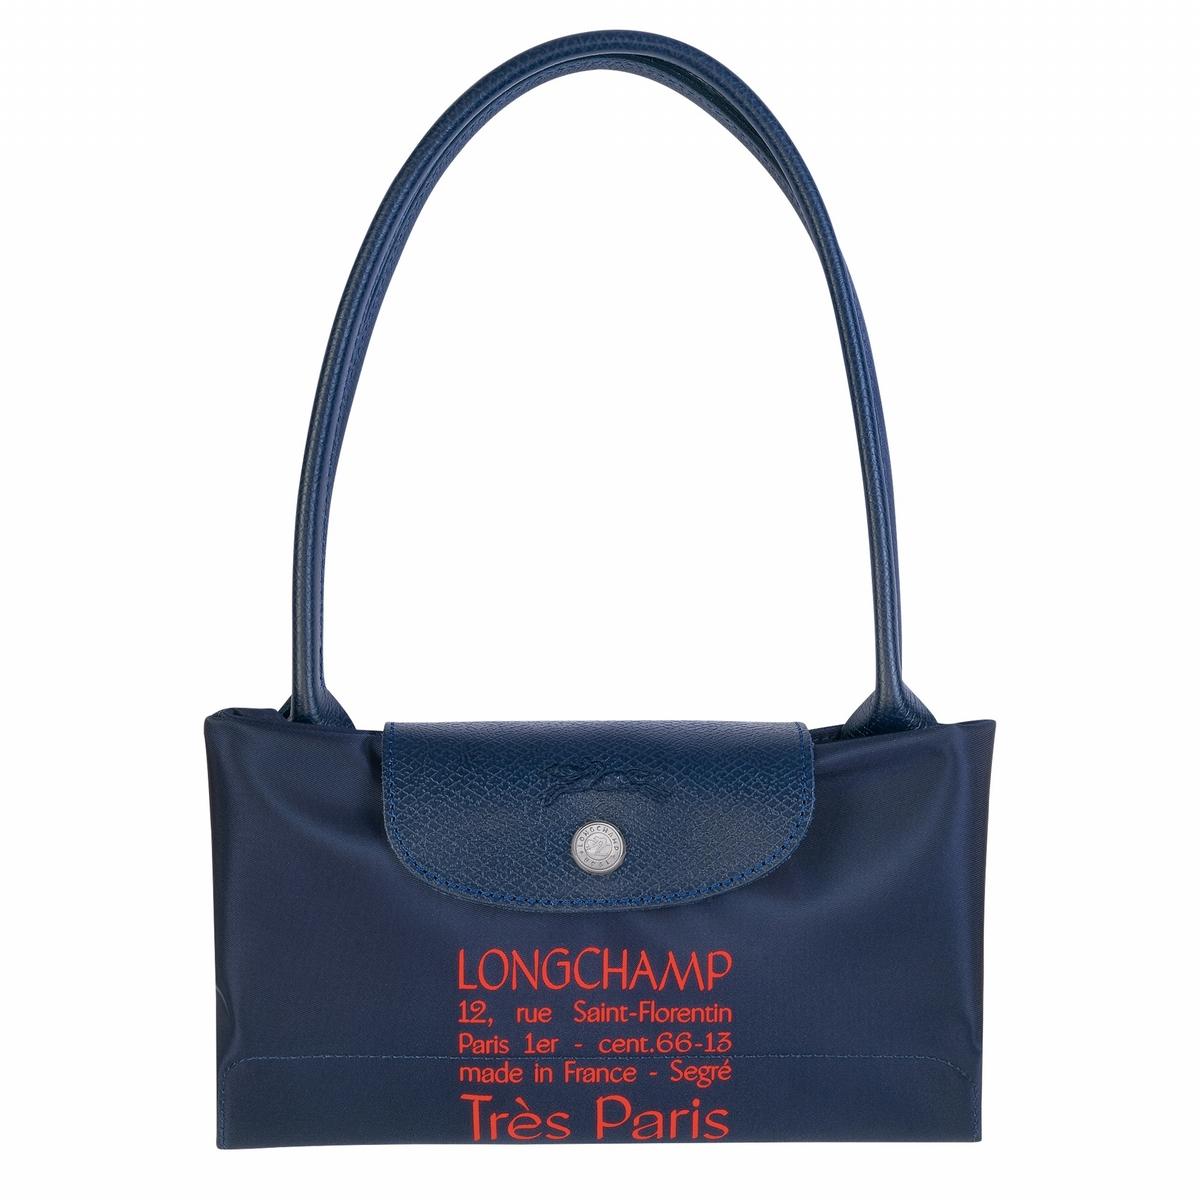 Longchamp摺疊包推法國國慶限定款  紅藍白配色滿溢法式情懷